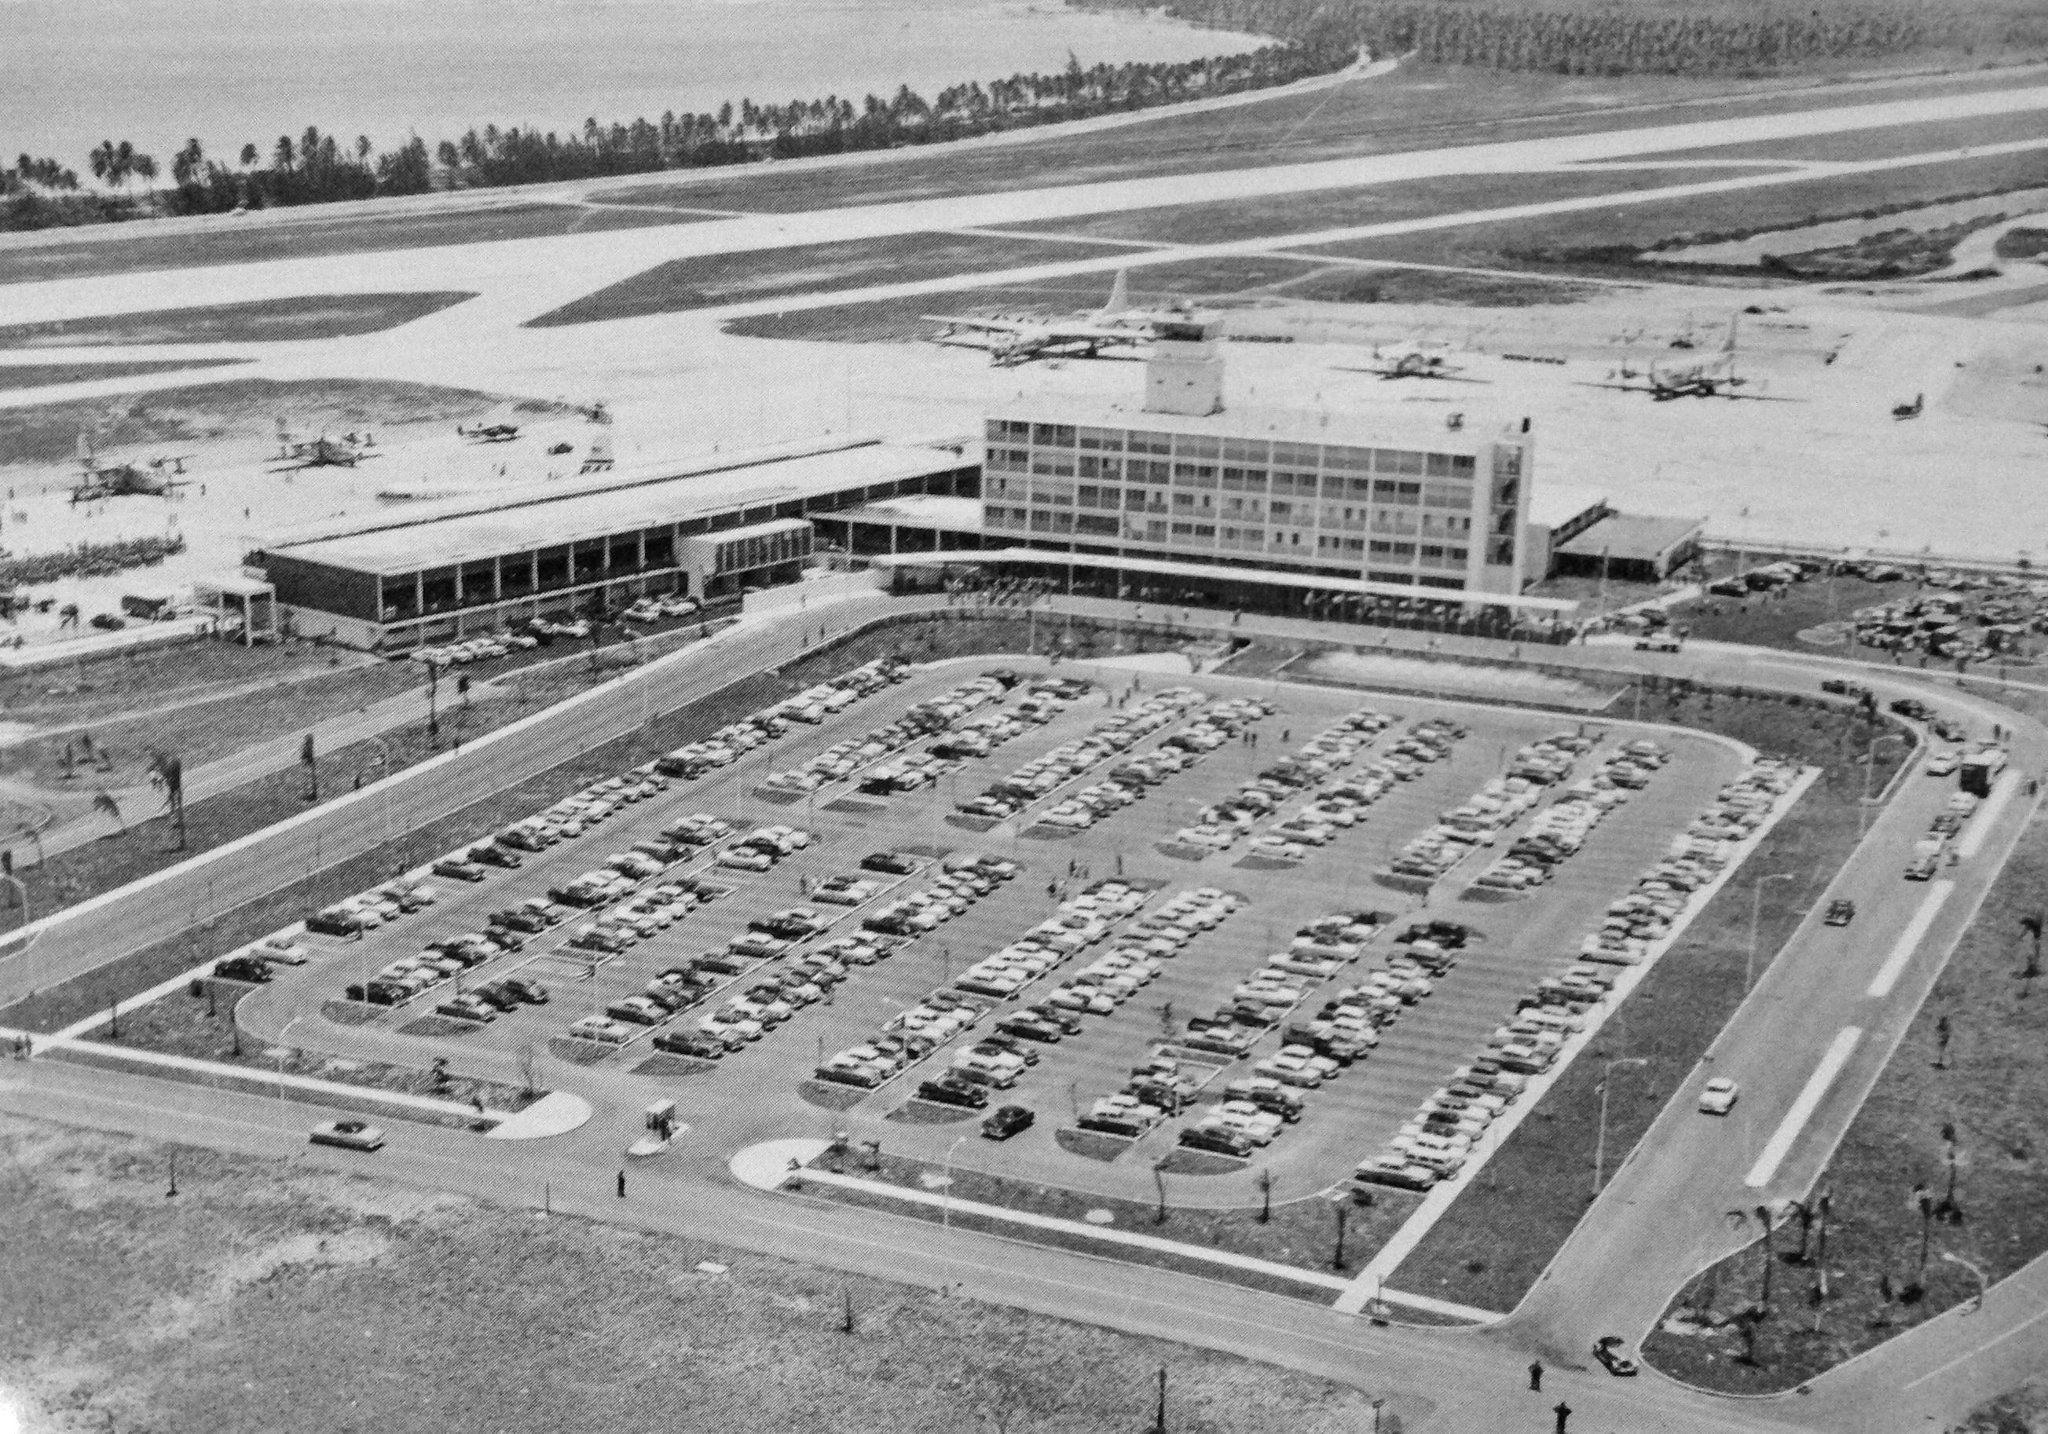 Aeropuerto Internacional Luis Muñoz Marín (1963)  Puerto Rico   Imágenes del Ayer   Vintage Images - Page 36 - SkyscraperCity